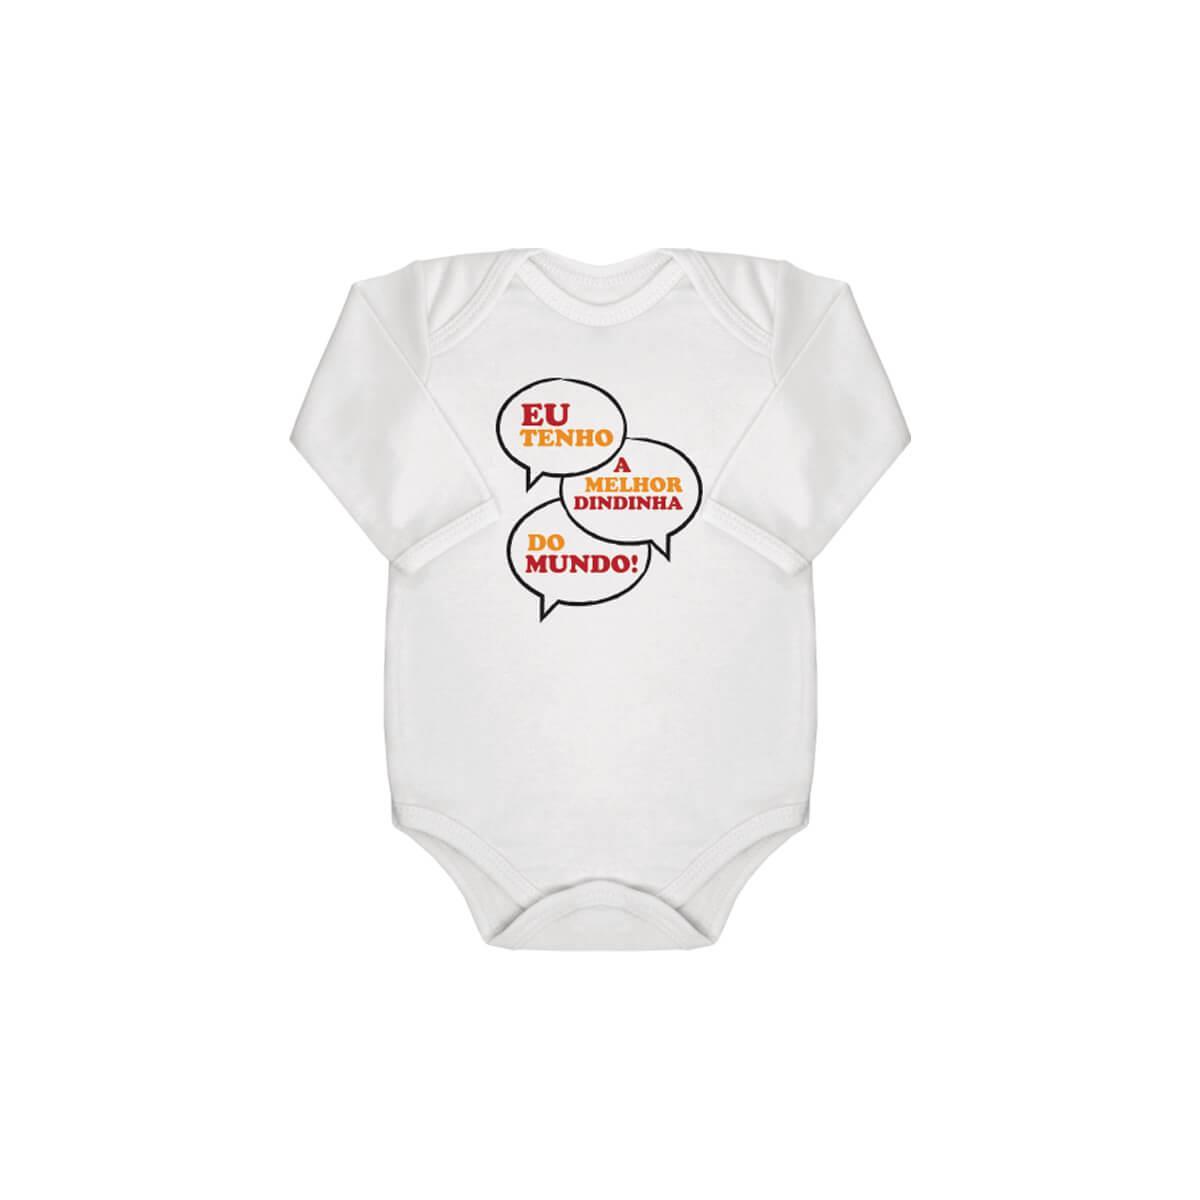 Body Bebê Manga Longa Melhor Dindinha Suedine 100% Algodão